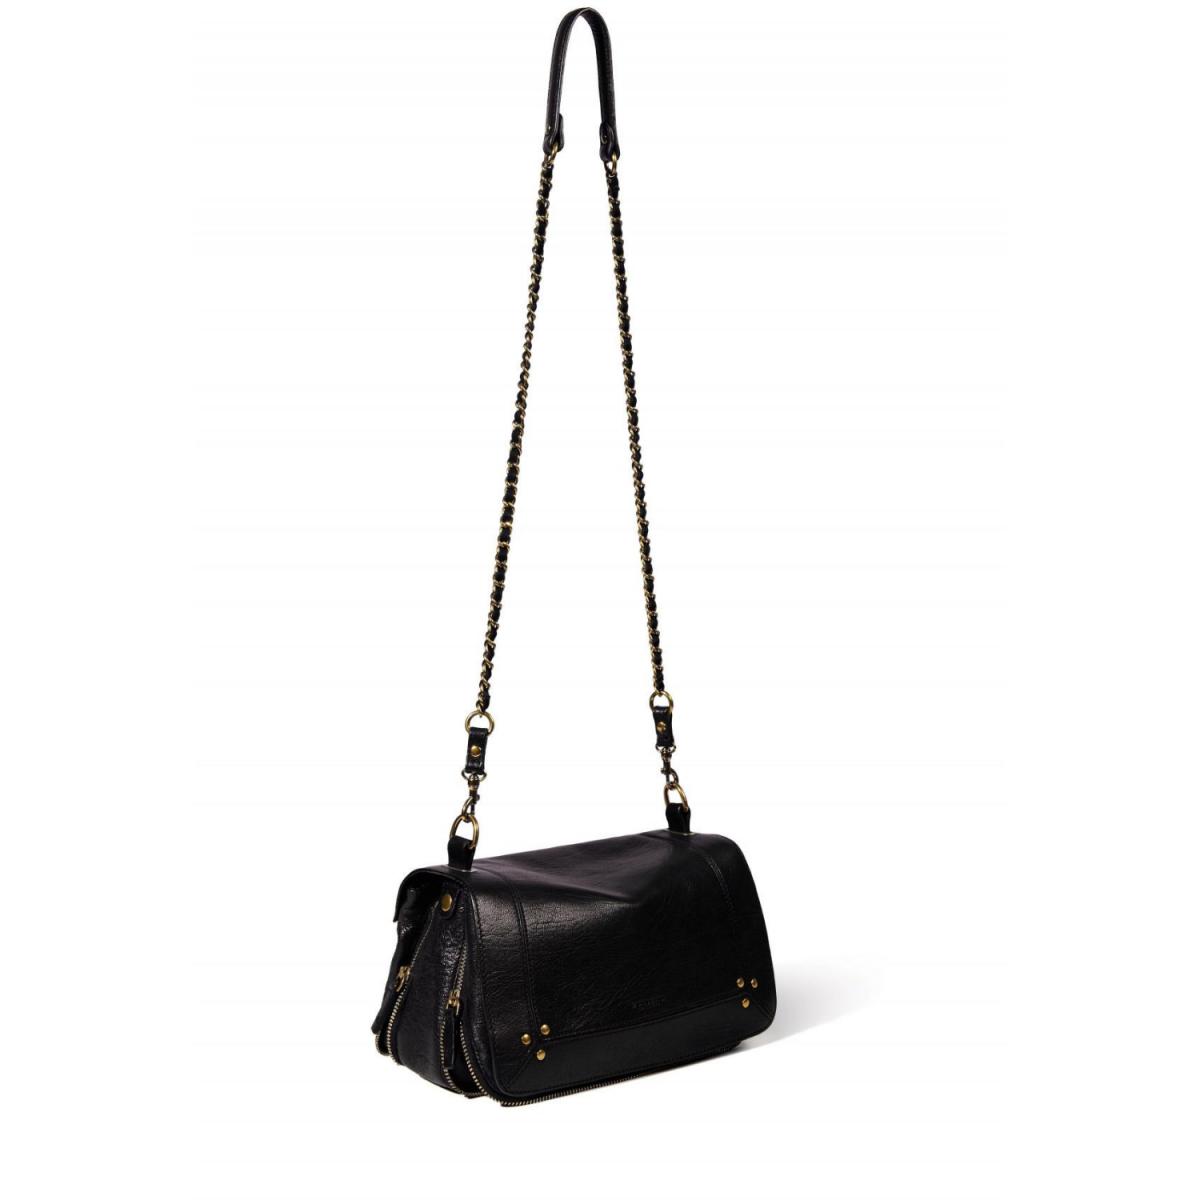 bobi taske - black - smuk kæde